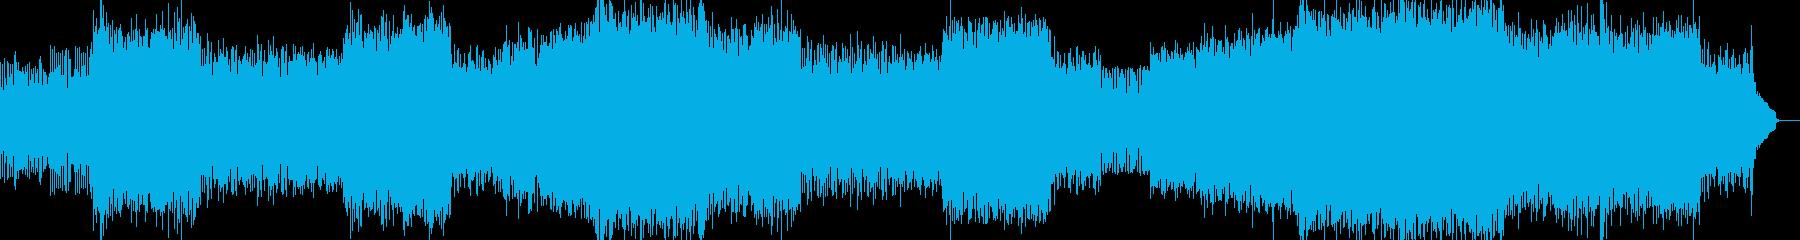 【変拍子】ゴシック少女、オーケストラの再生済みの波形